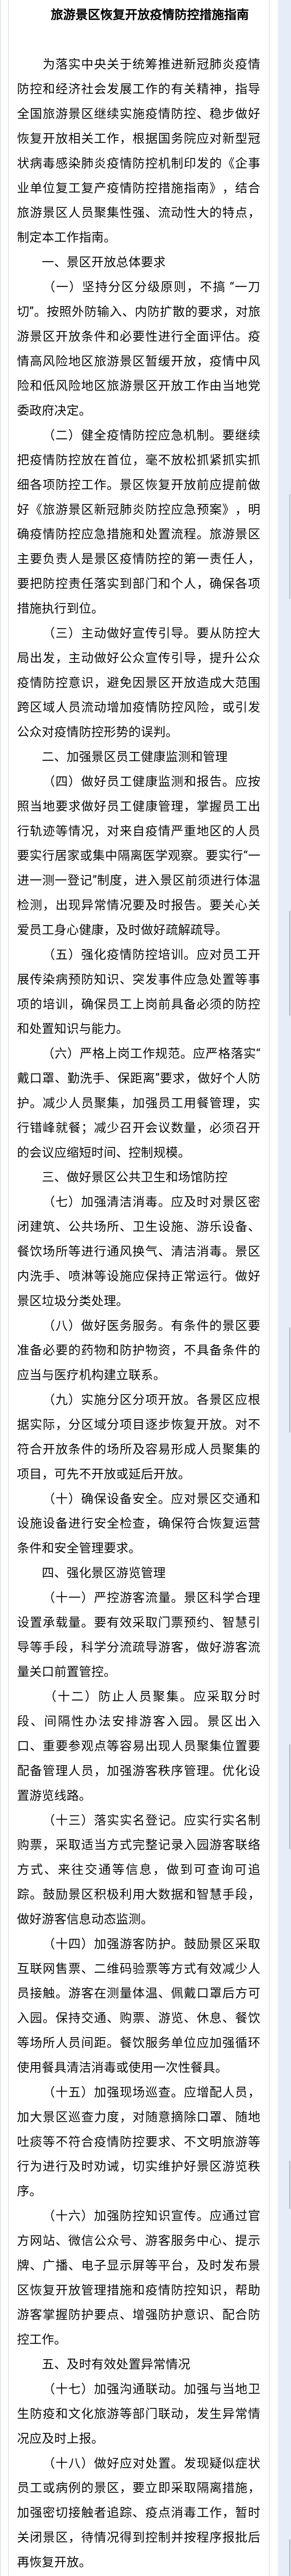 文旅部紧急发文:疫情高风险地区景区暂缓开放